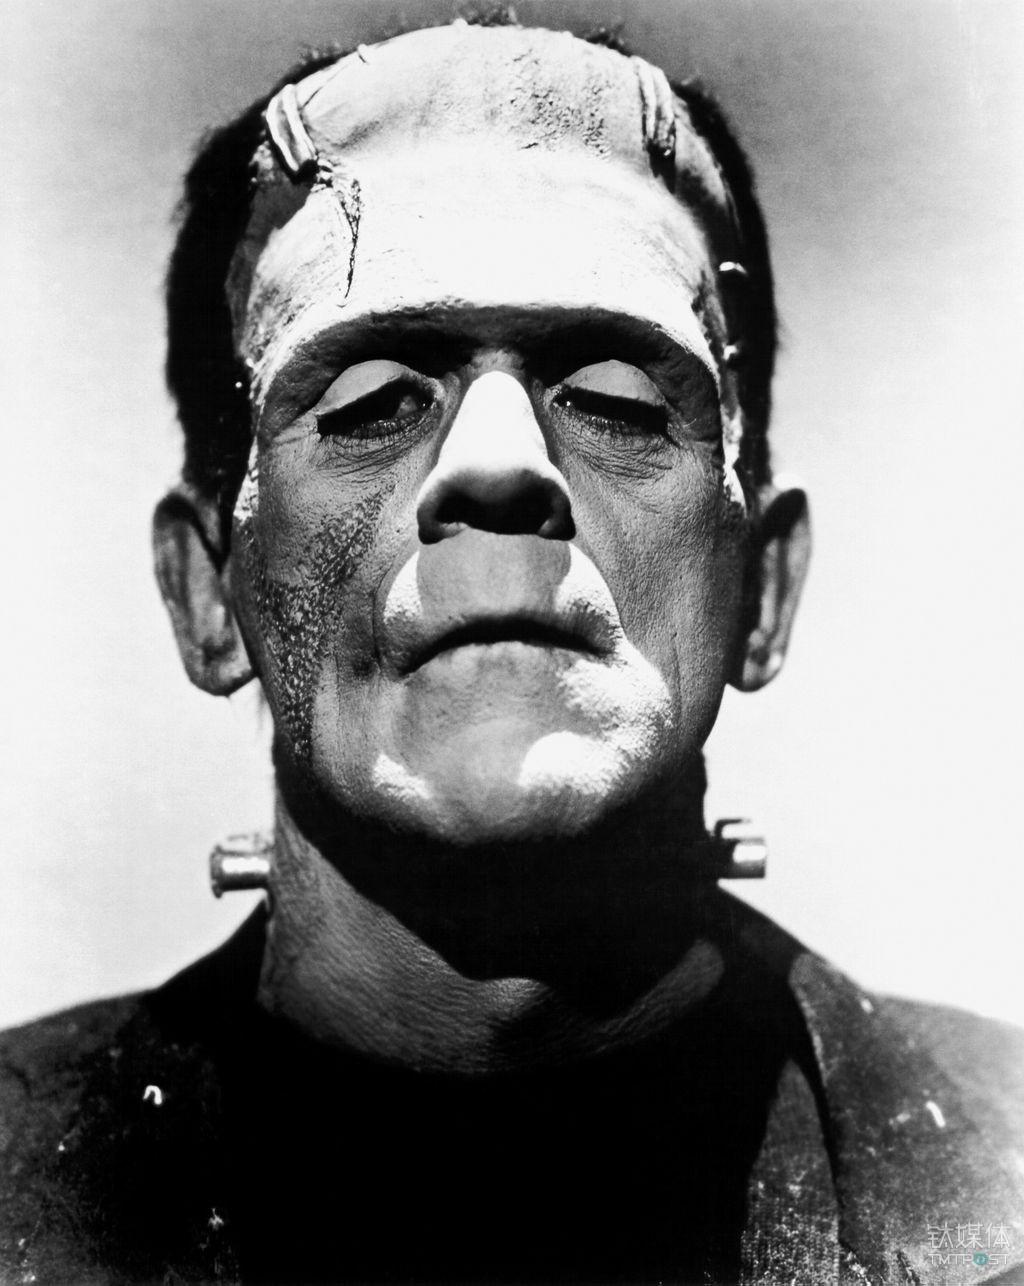 30年代好莱坞电影中的弗兰肯斯坦形象